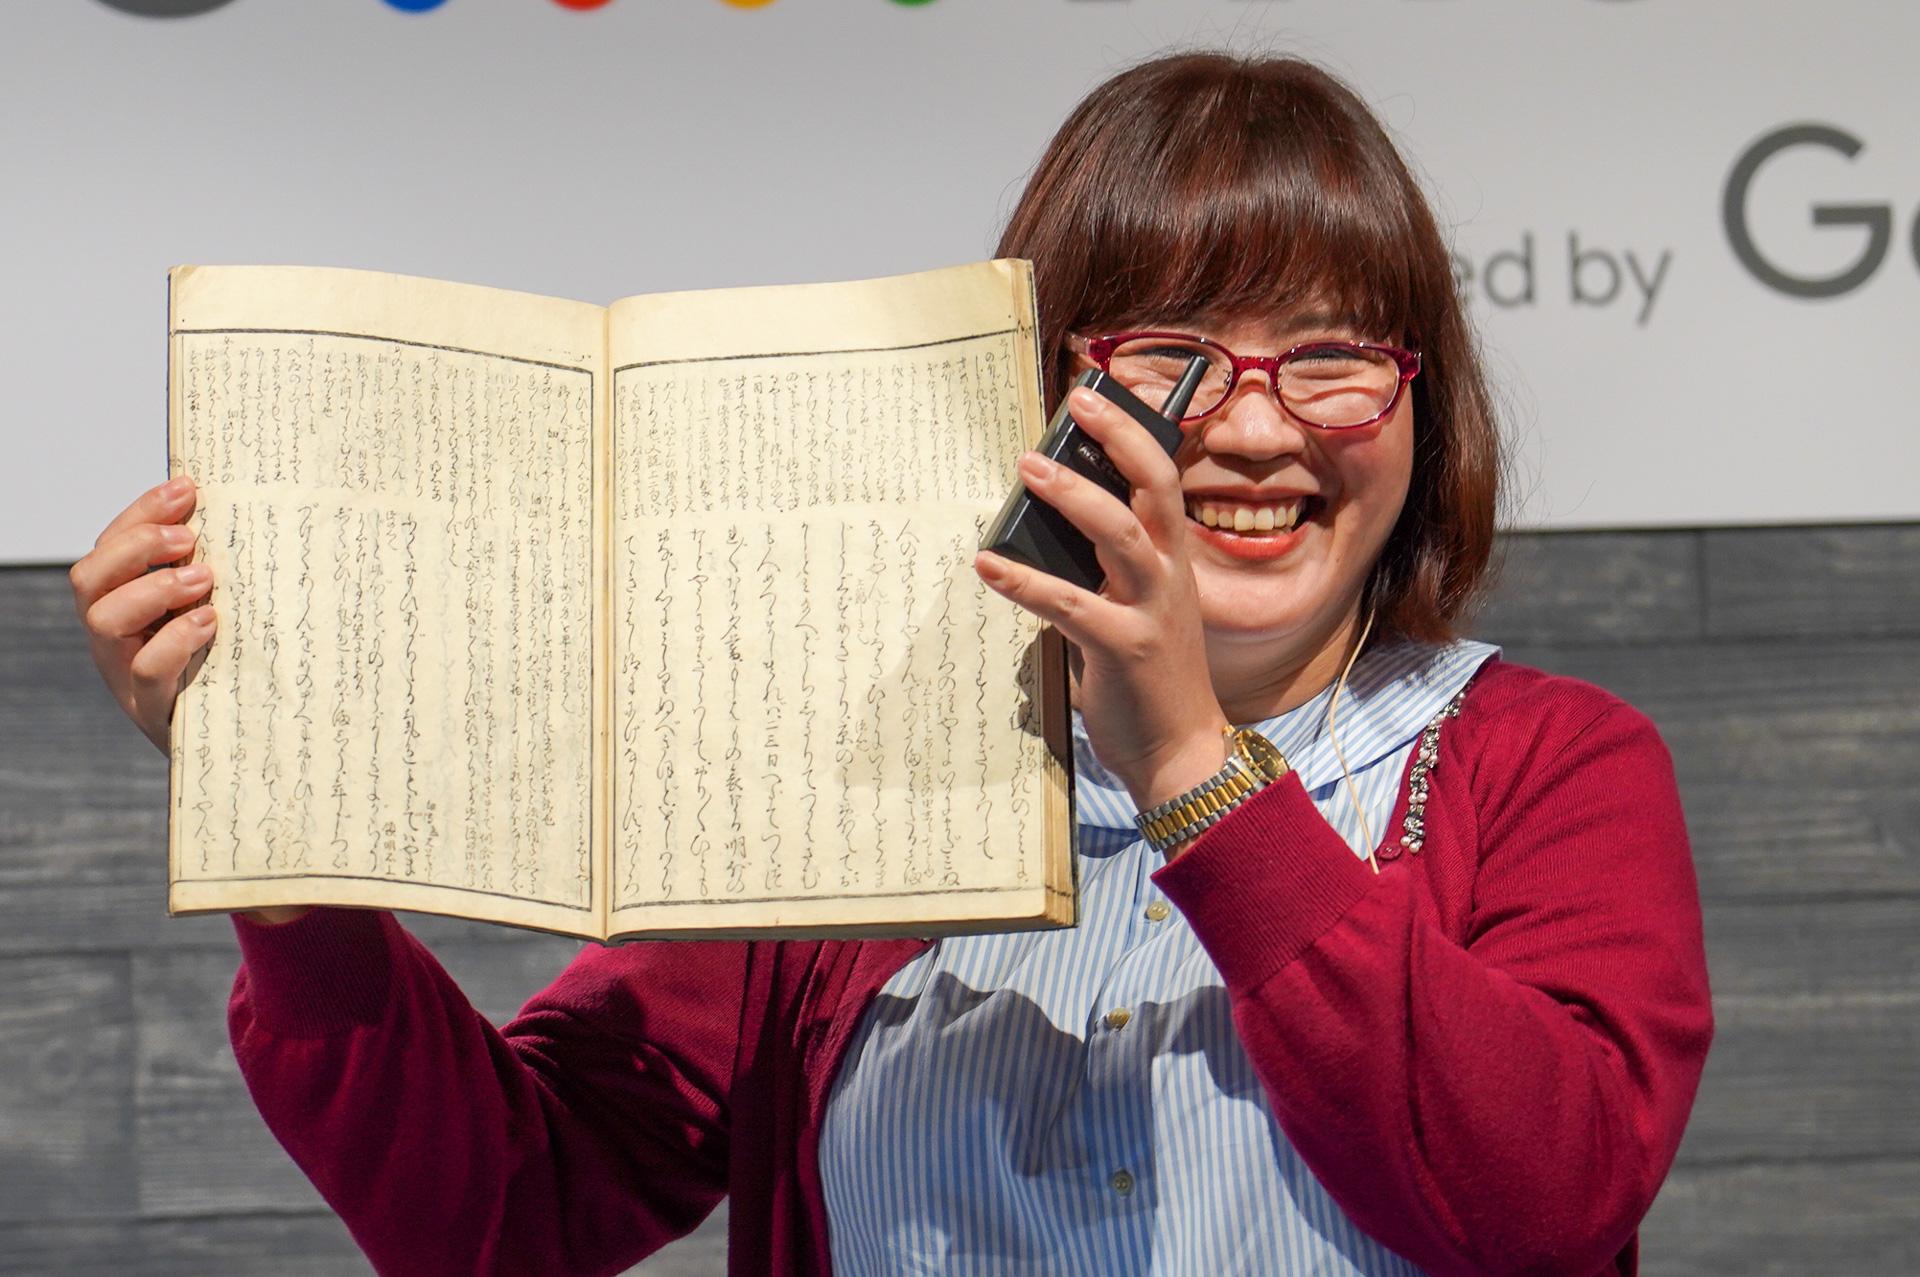 Google AIで日本史研究者やマニアが狂喜乱舞する「くずし字」の翻訳ツールが開発  - PC Watch